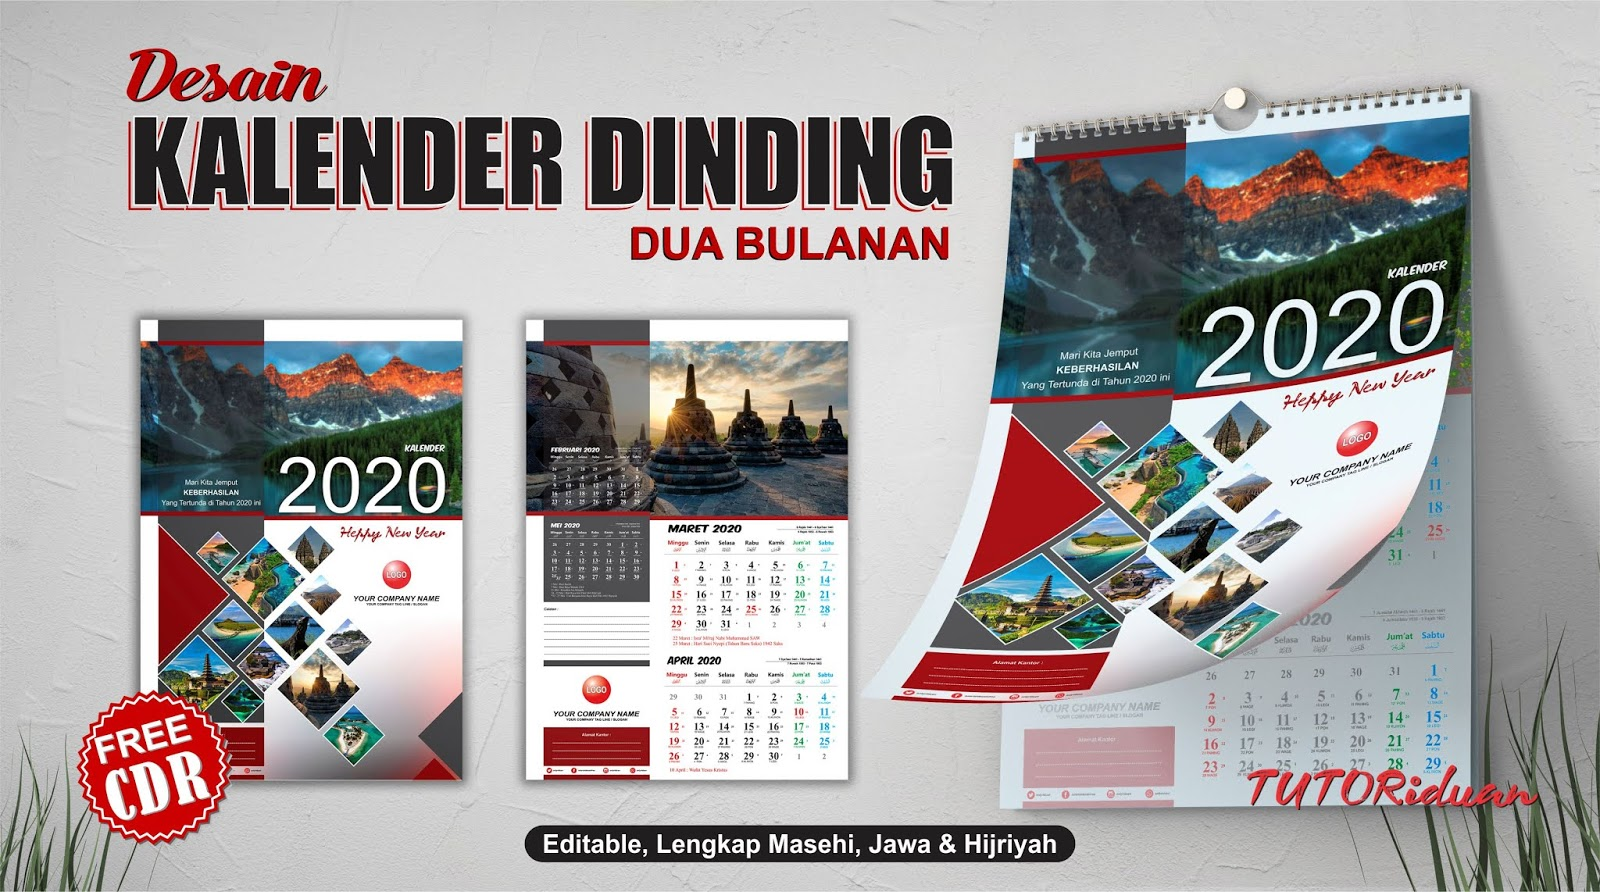 Desain Kalender Dinding 2020 dengan CorelDRAW - TUTORiduan.com